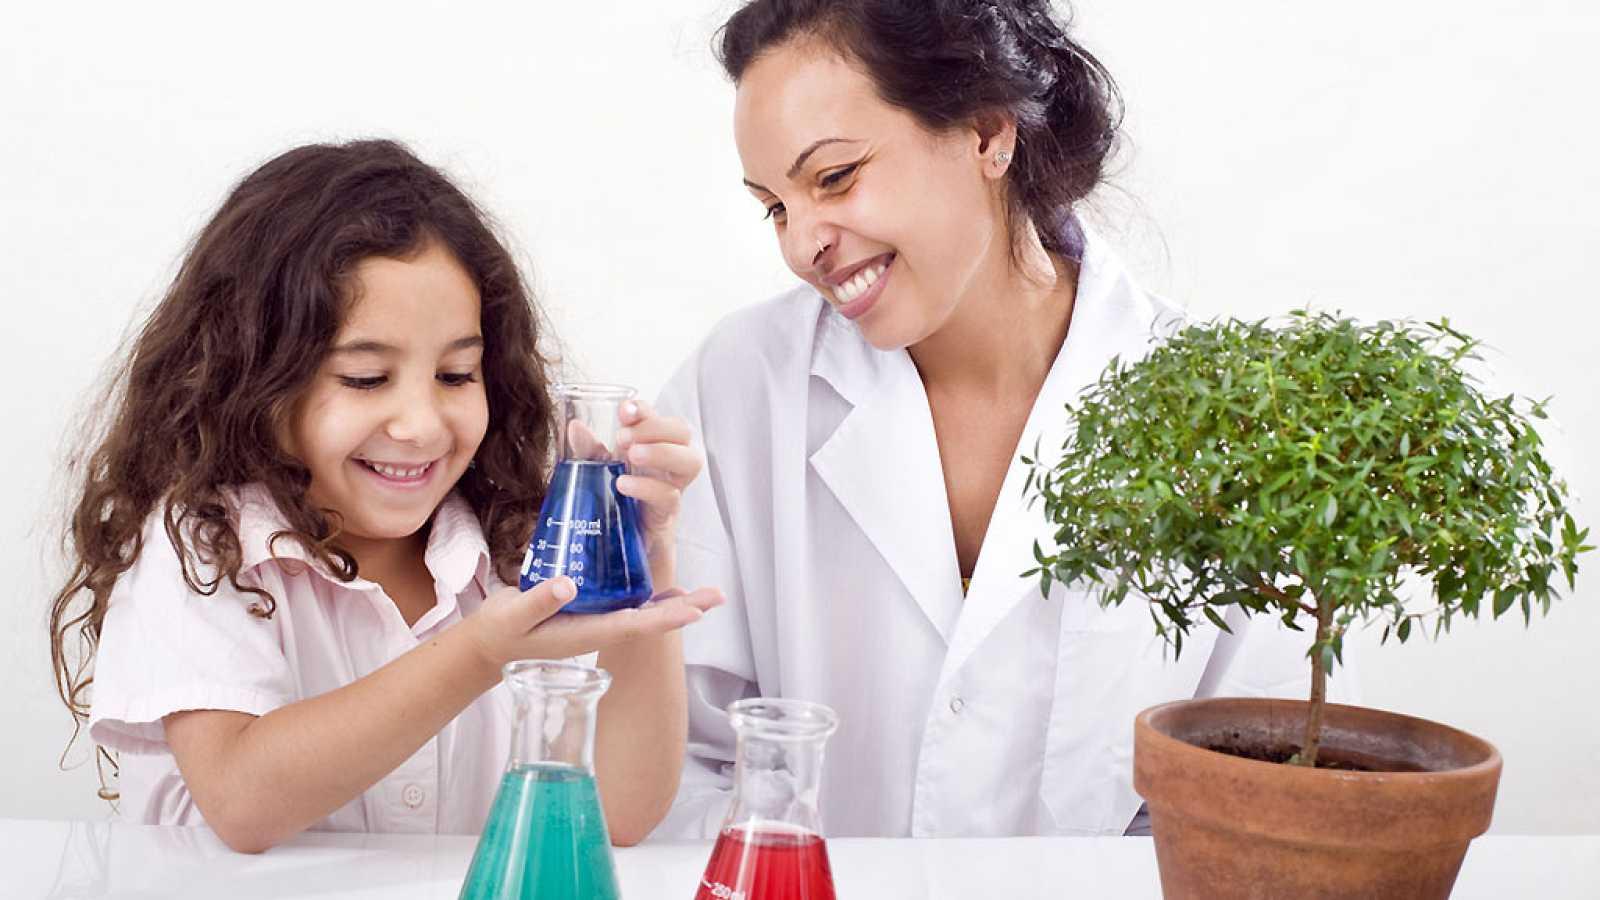 11 de febrero, Día Internacional de la Niña en Ciencia - Escuchad ahora